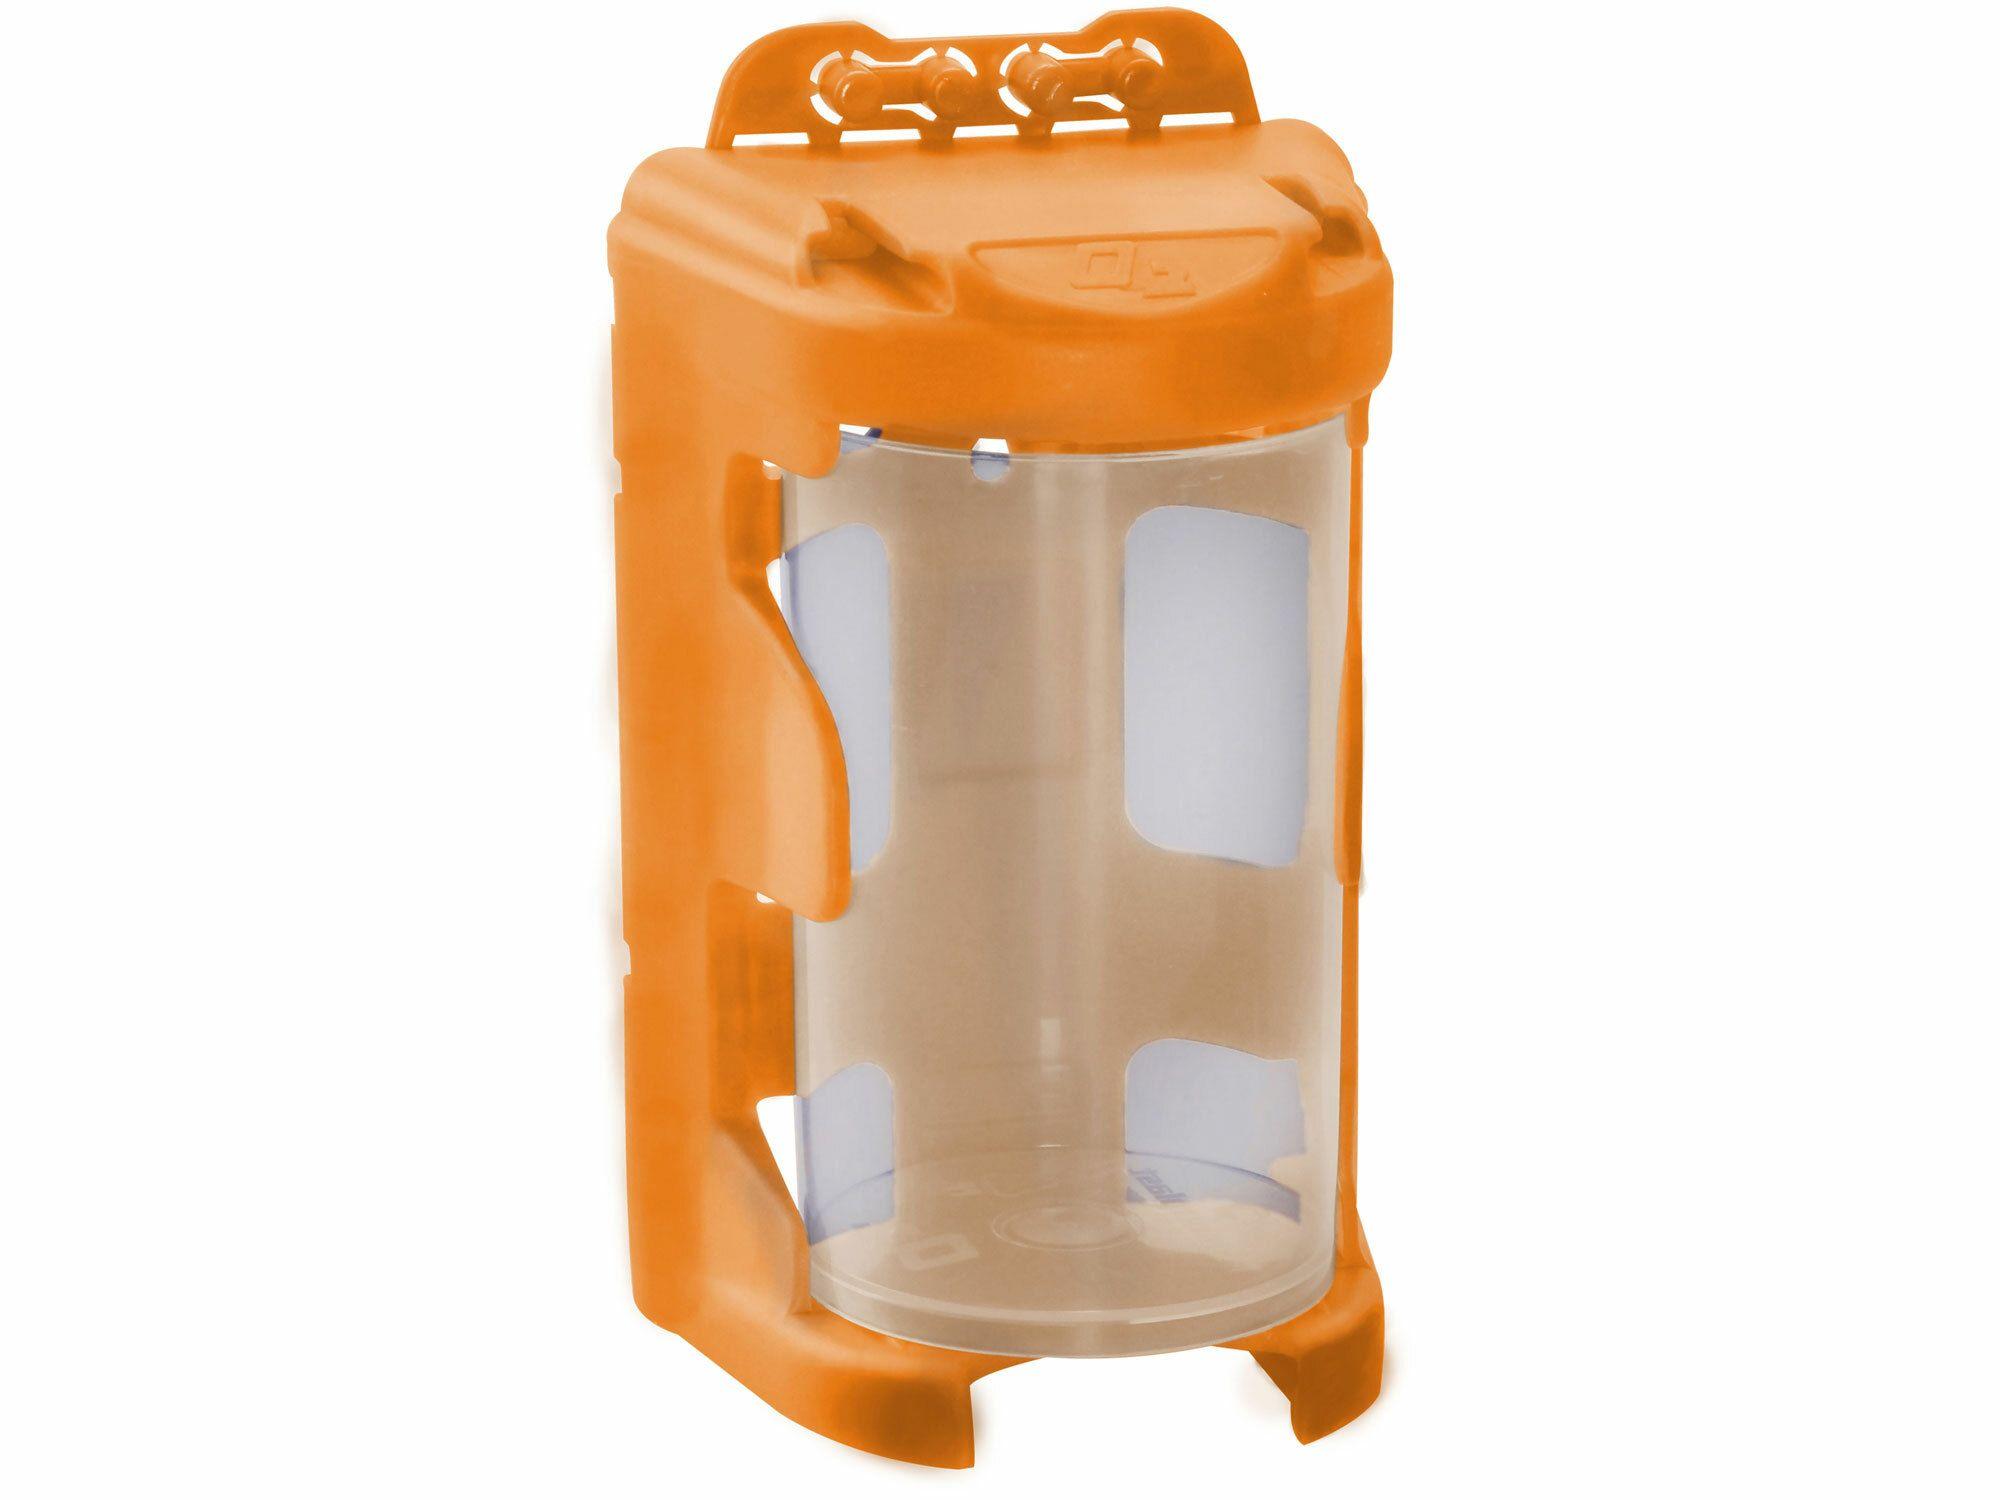 Organizér modulový závěsný - oranžový, 210ml (60 x 92mm), PP, EXTOL